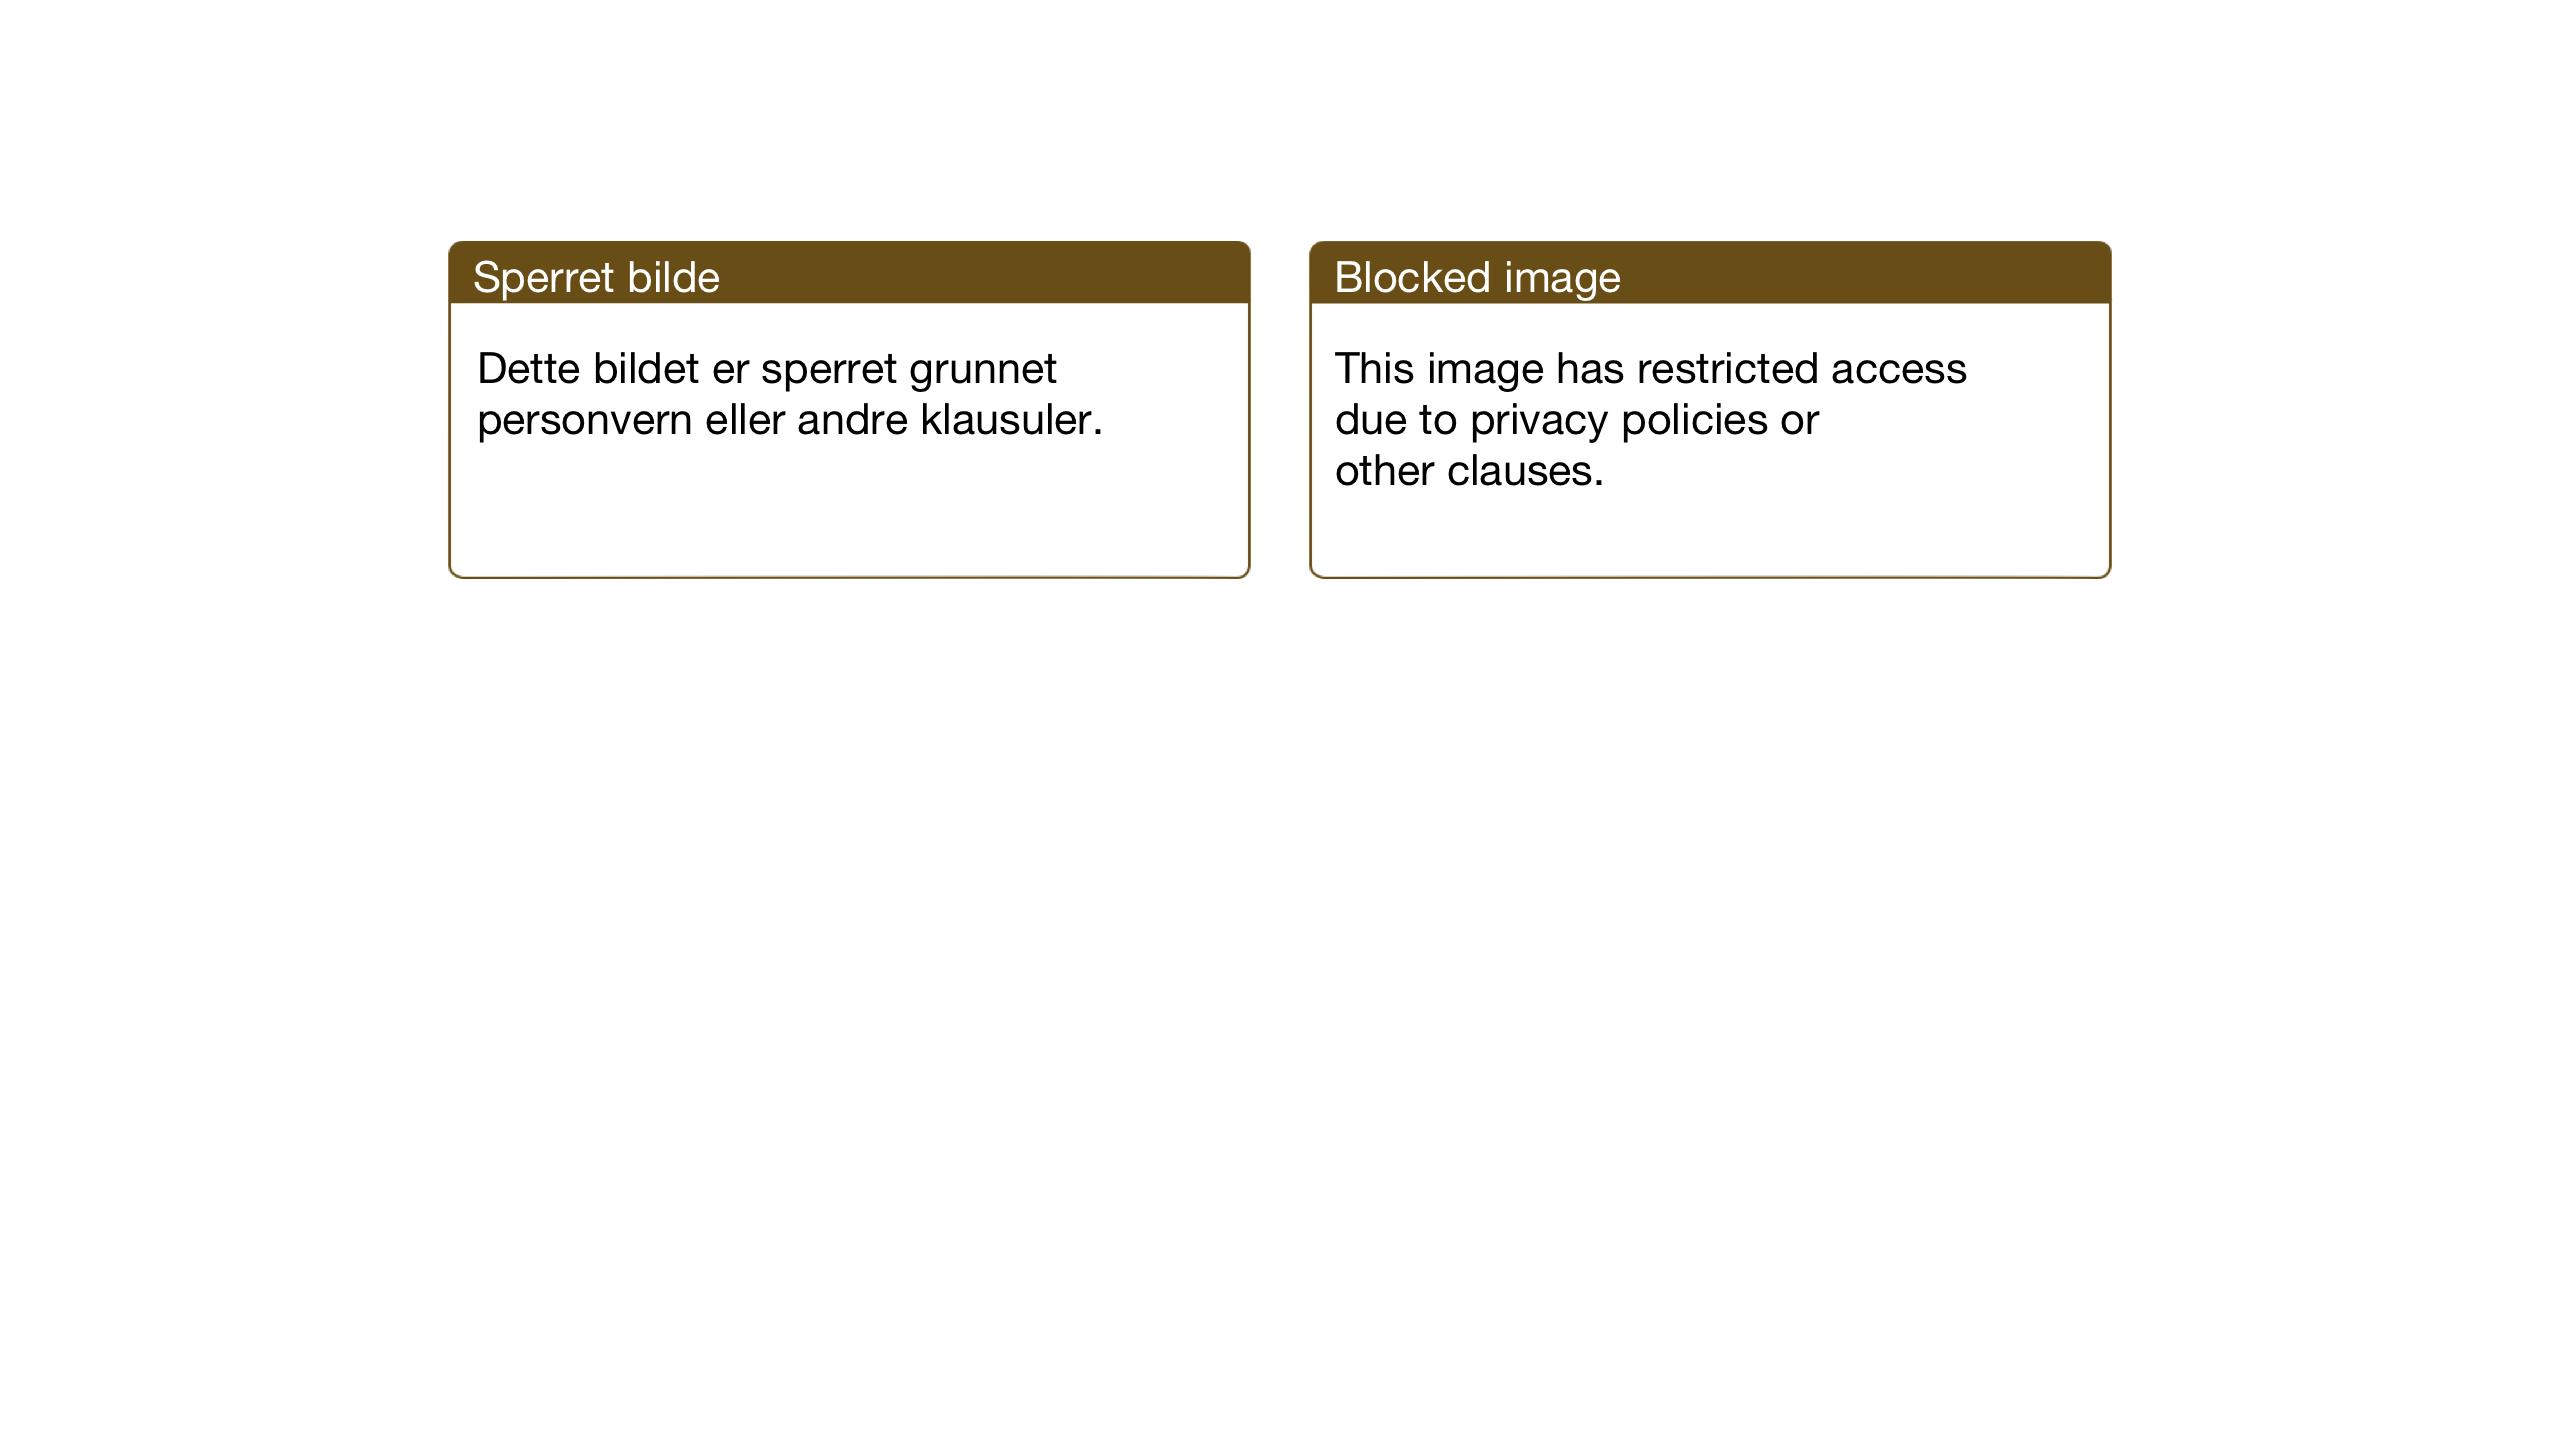 SAT, Ministerialprotokoller, klokkerbøker og fødselsregistre - Sør-Trøndelag, 657/L0718: Klokkerbok nr. 657C05, 1923-1948, s. 48